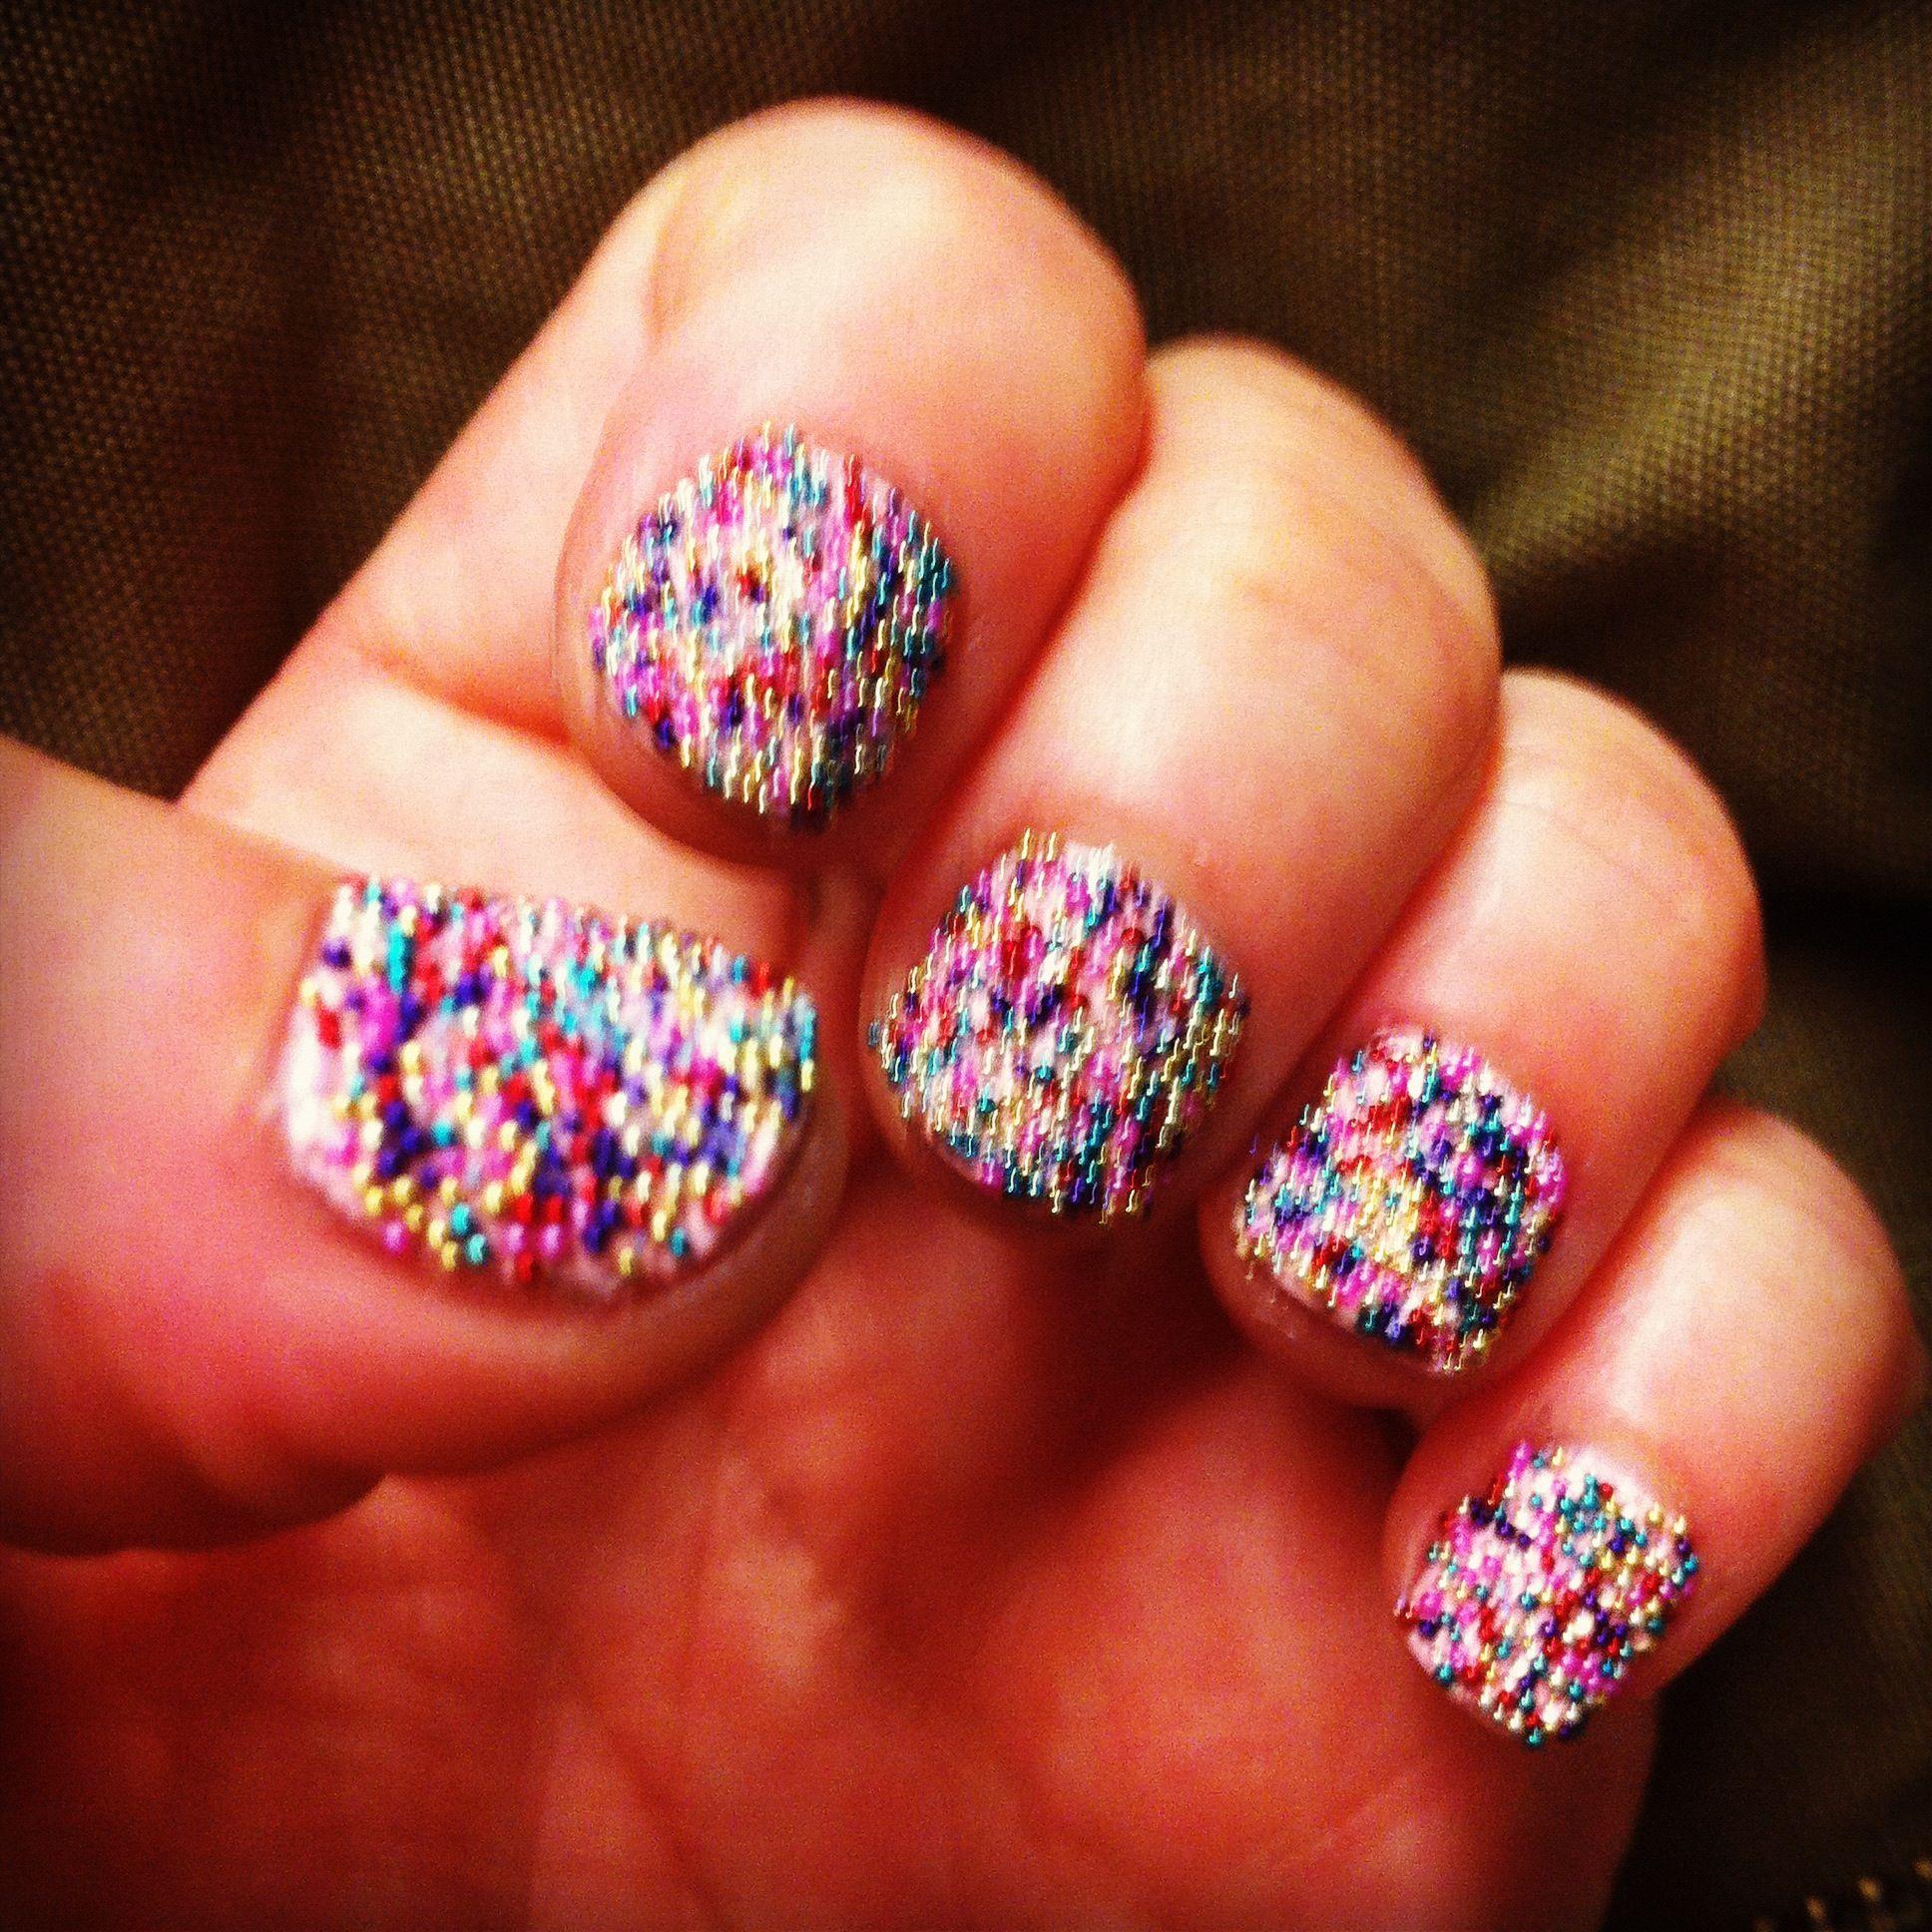 Ciate Caviar Nails: #Sephora #Nailspotting #Caviar #Ciate